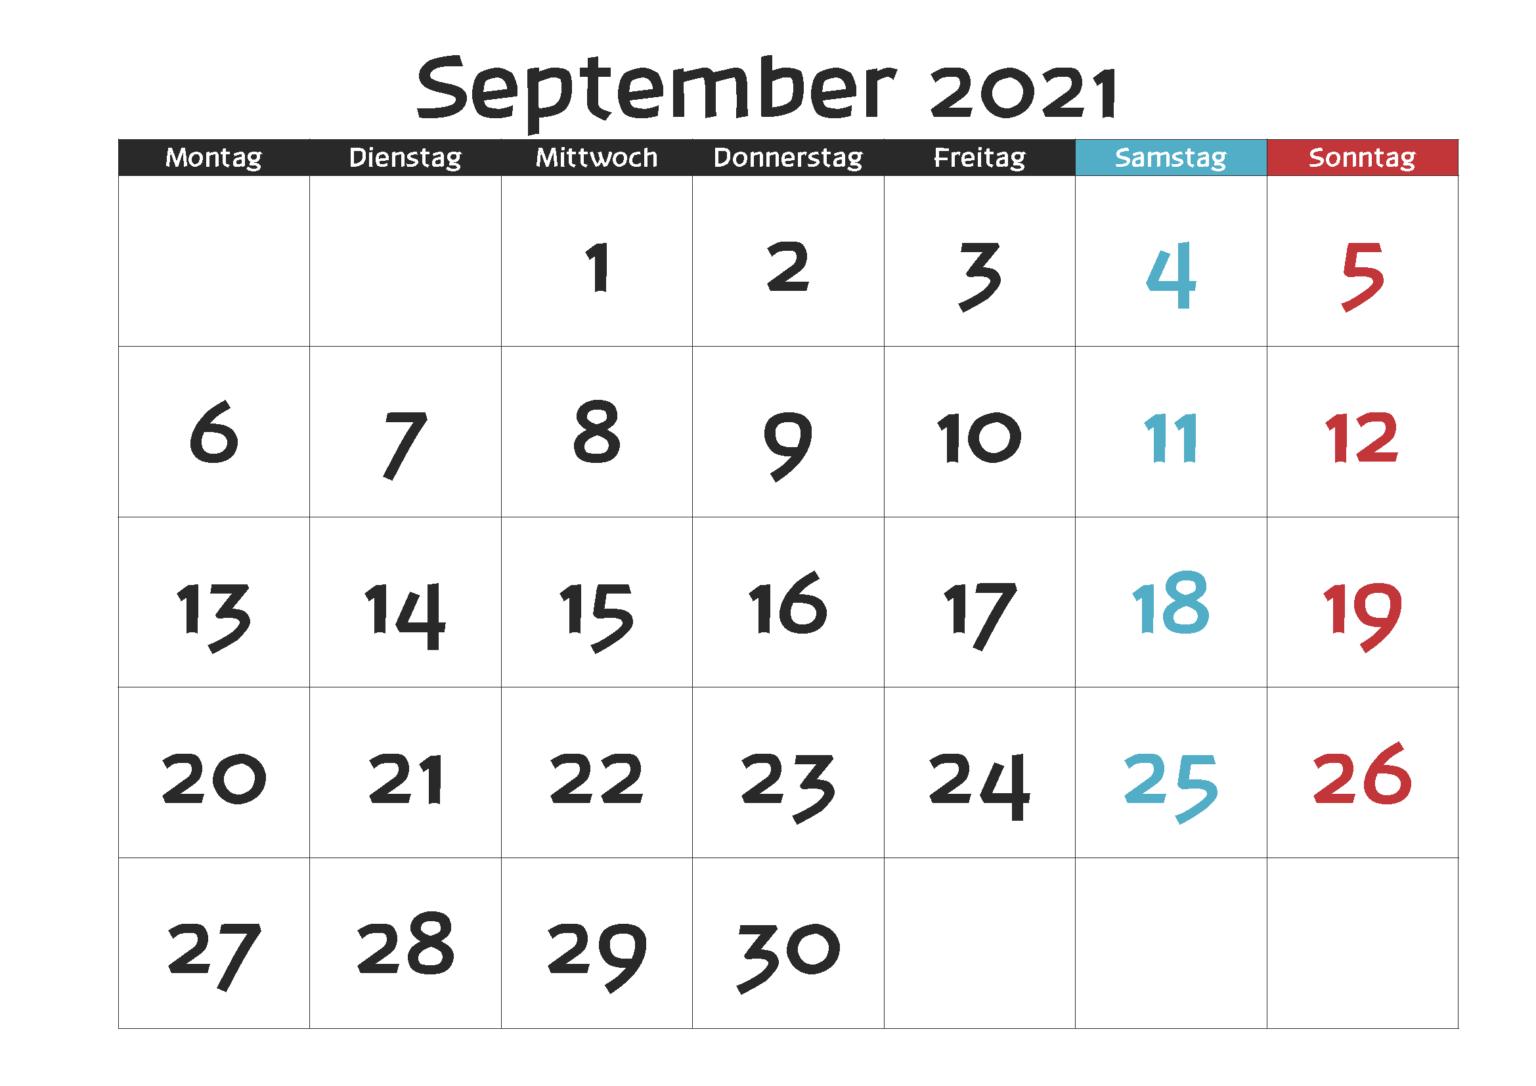 September 2021 Kalender Vorlage